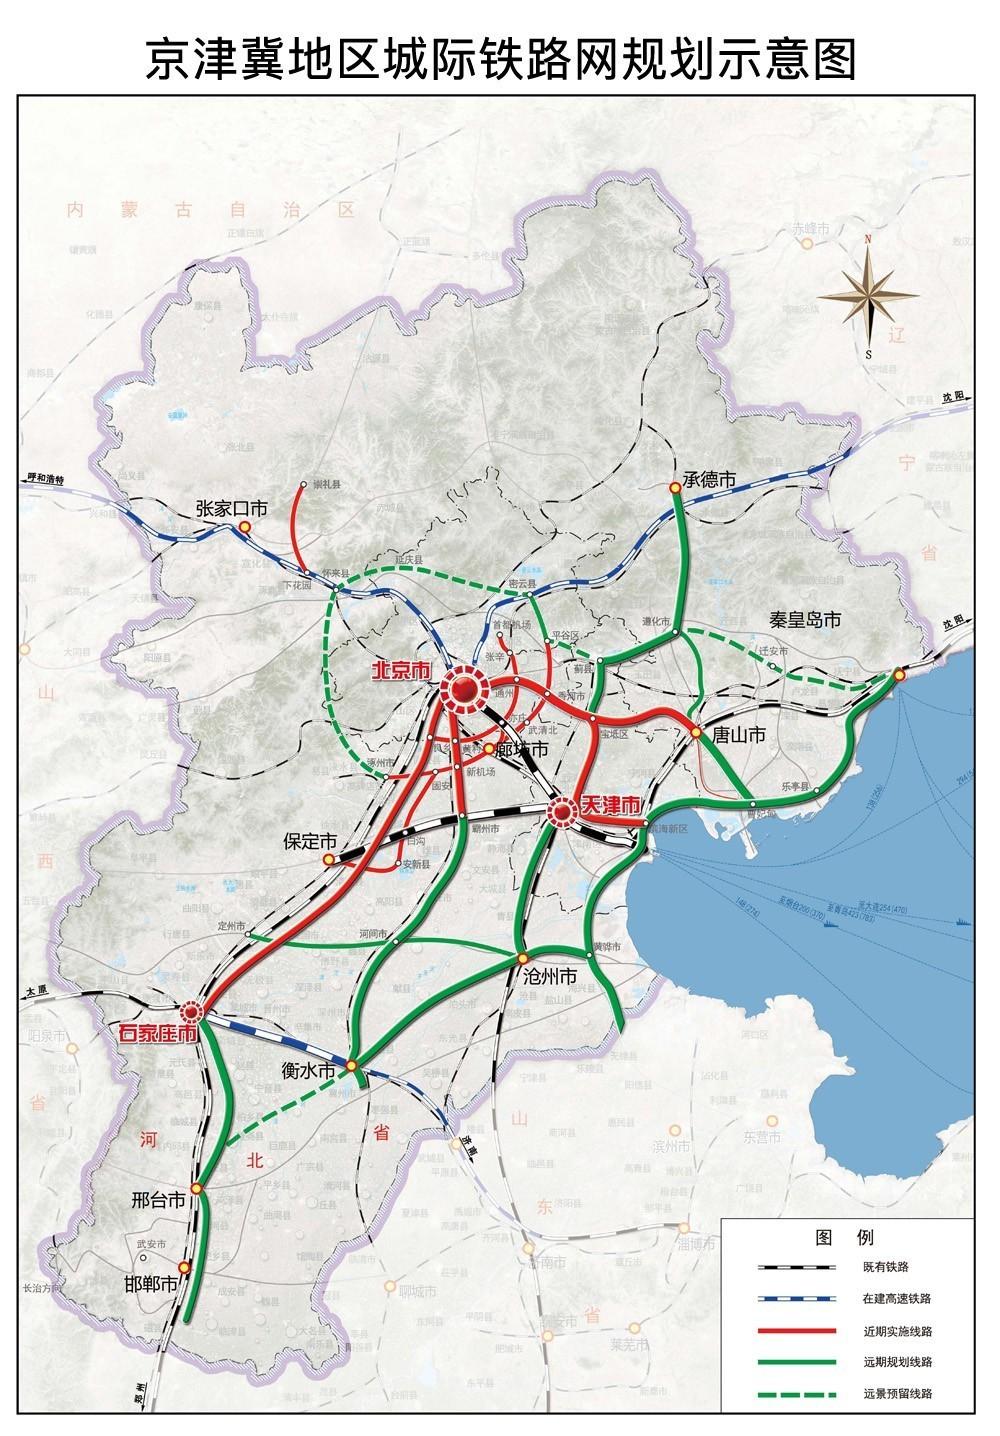 新规划出炉:北京,天津,石家庄三地2020年前实现0.5至1图片